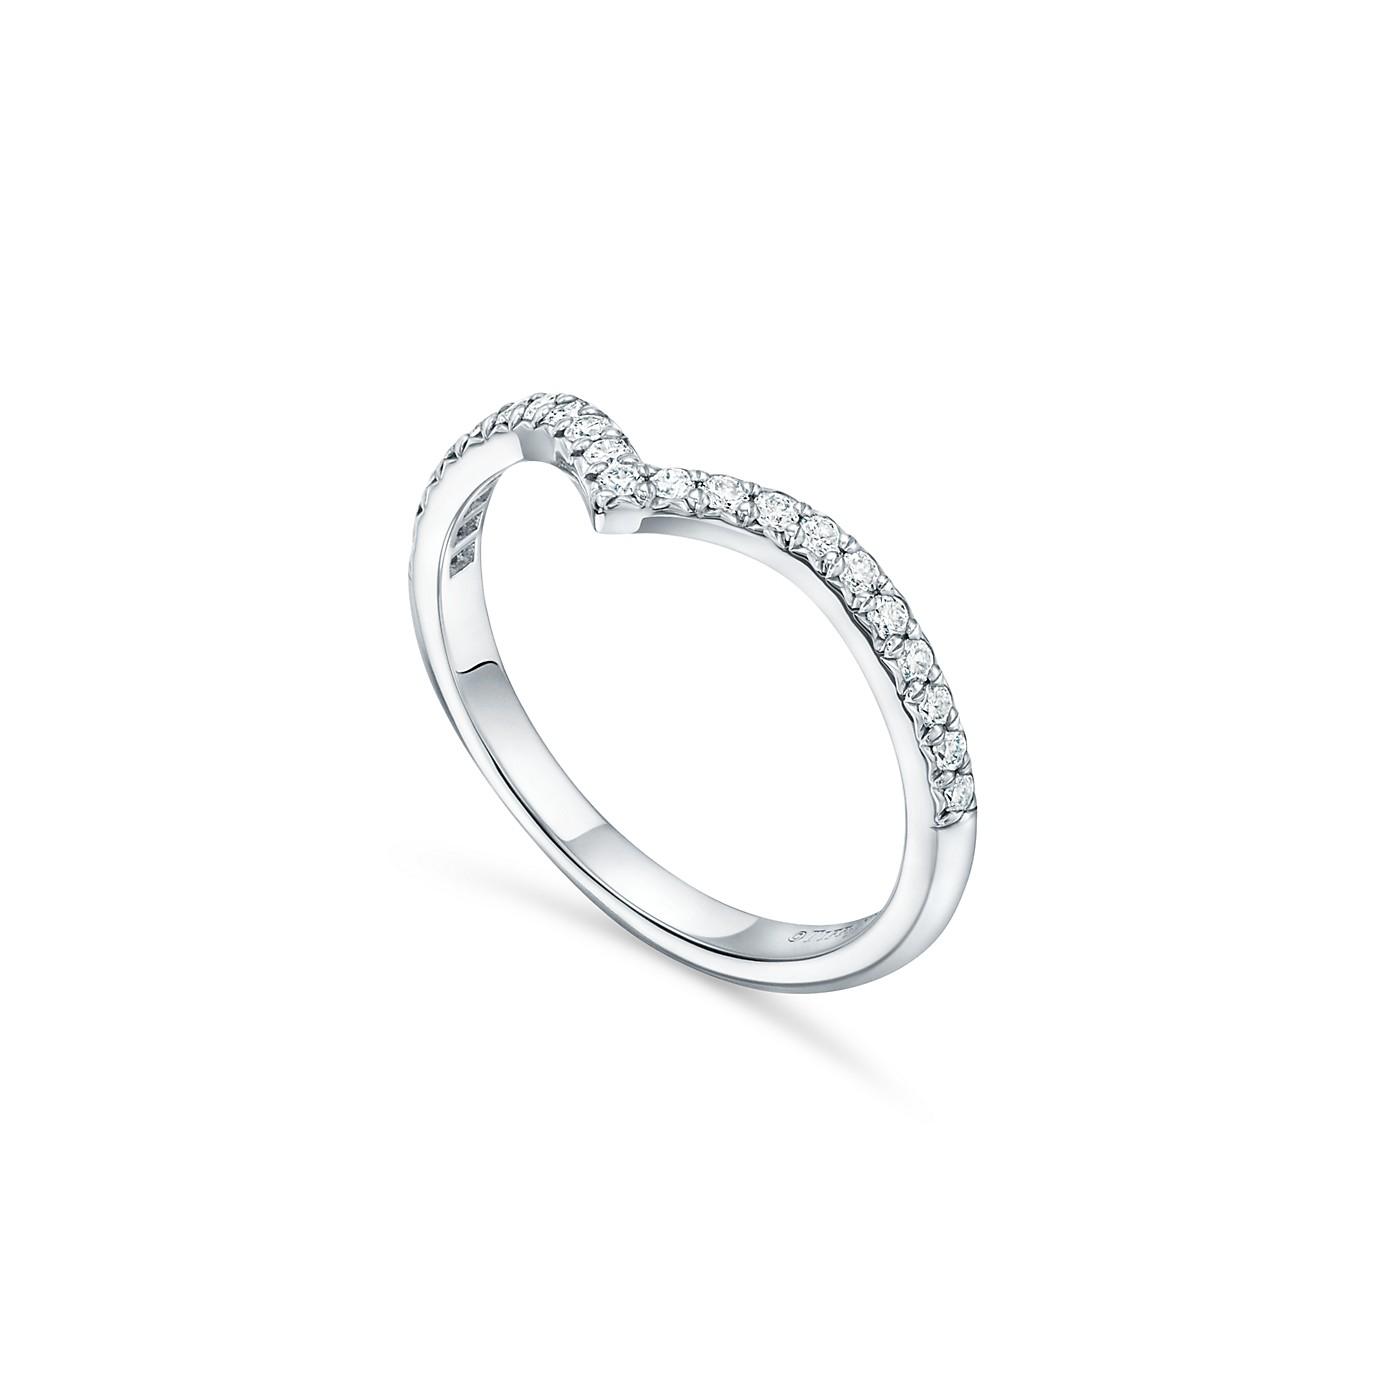 ティファニー ソレスト V リング ダイヤモンド(2)―Tiffany & Co.(ティファニー)